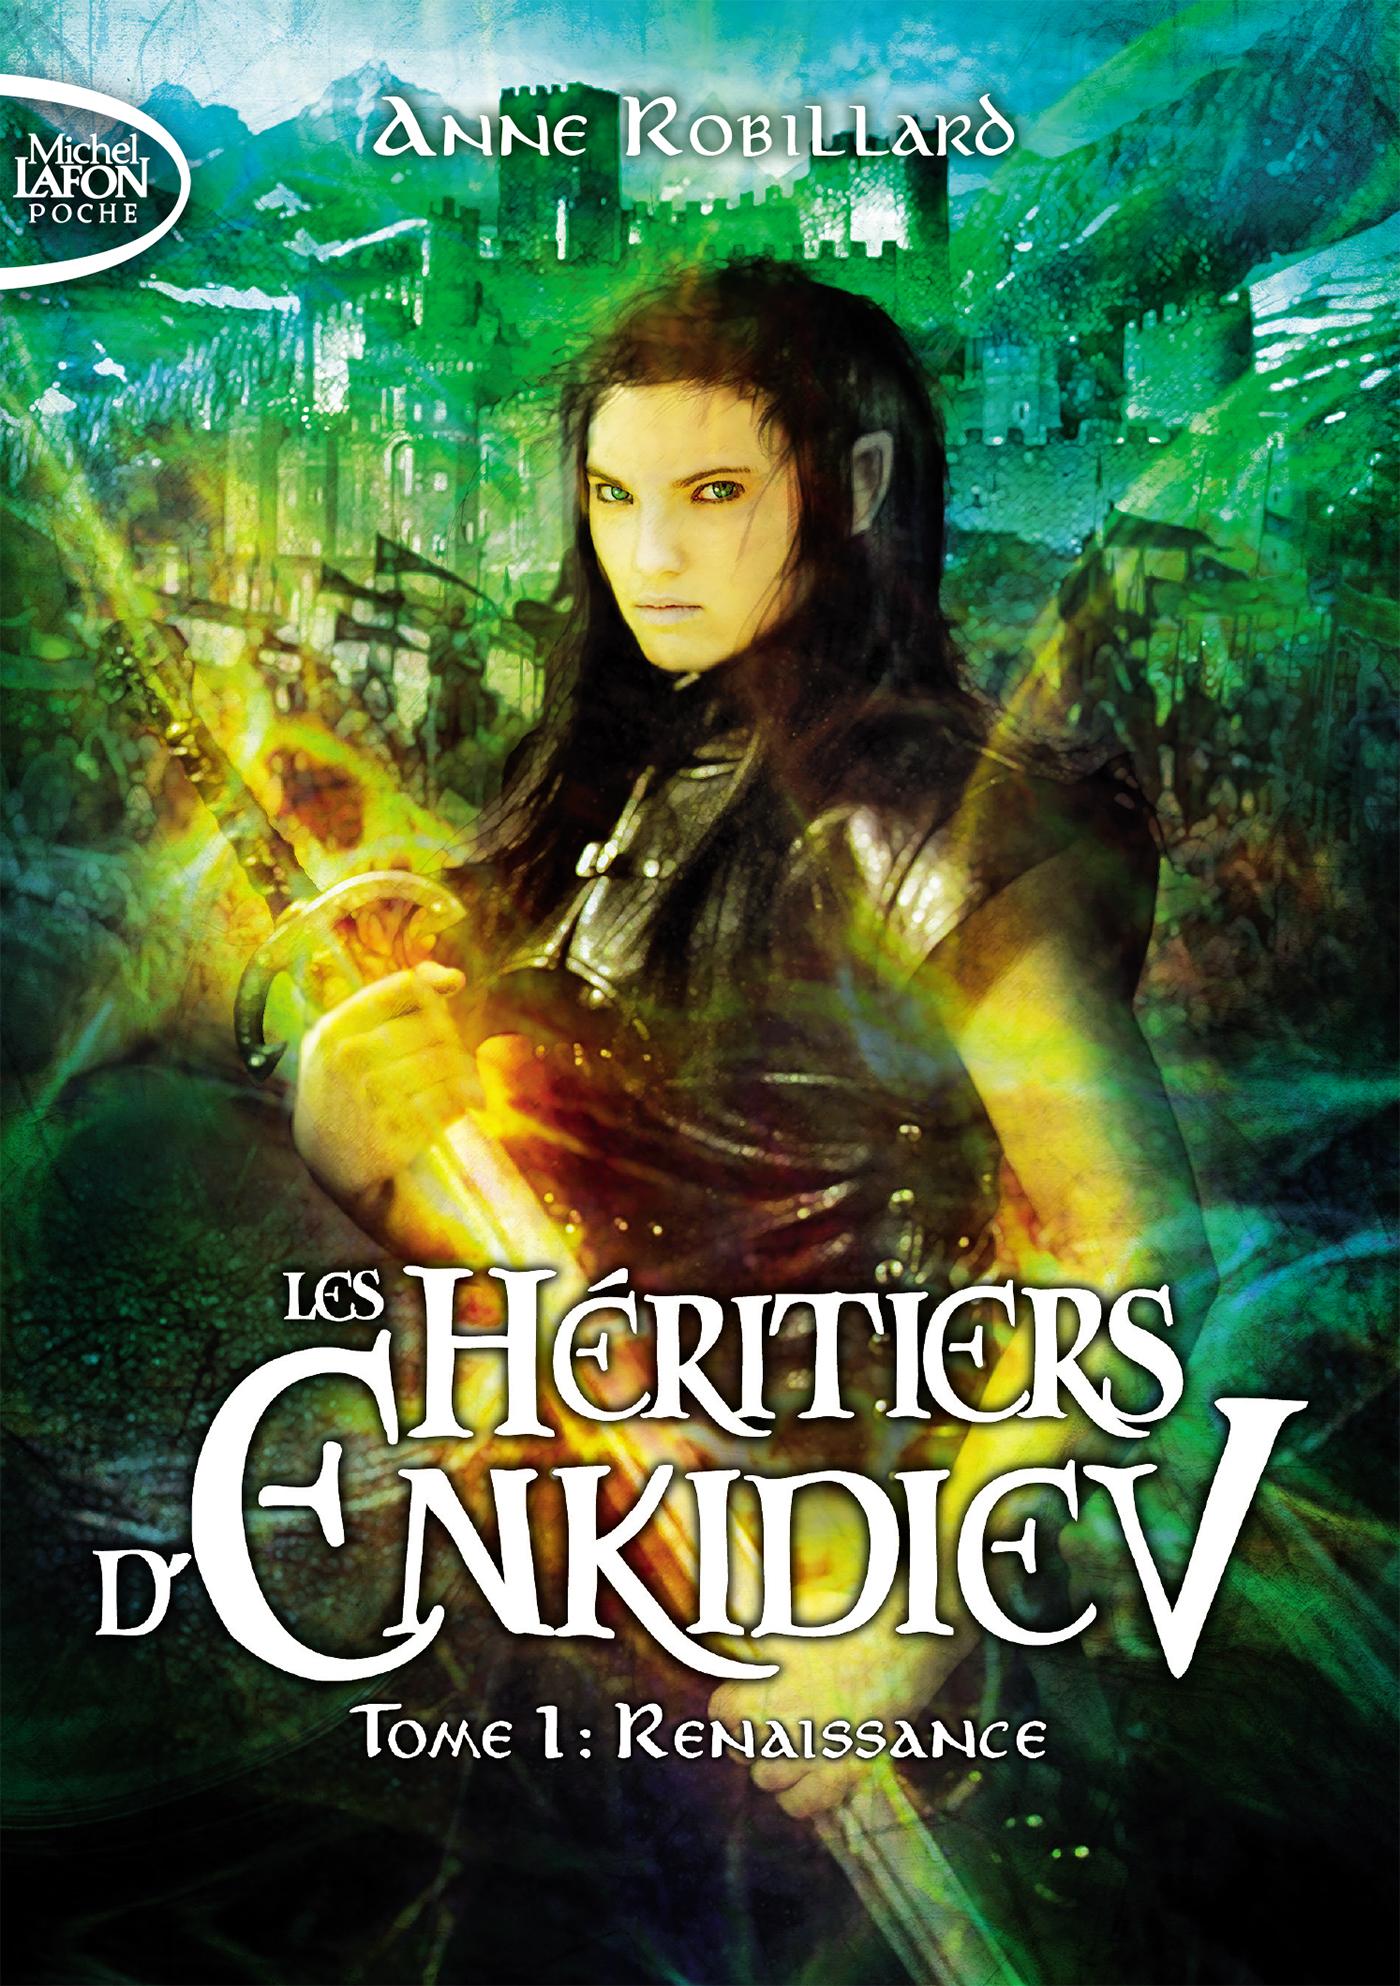 Les Héritiers d'Enkidiev – Tome 1 (Poche)